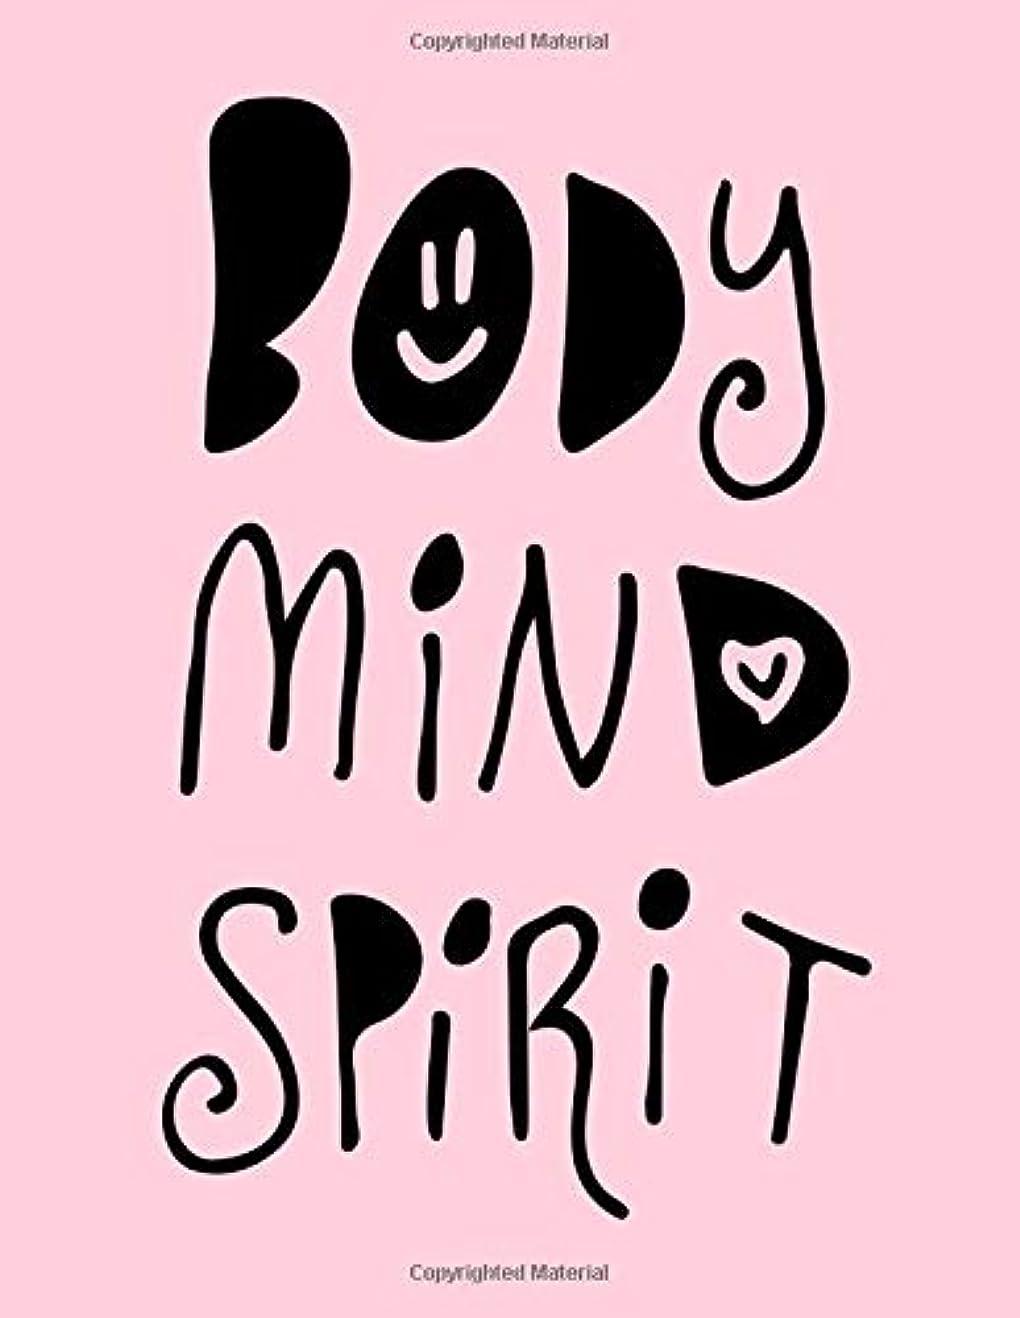 しなければならない悲鳴つまずくBody Mind Spirit: The Ultimate 3 Month Daily Yoga Practice Schedule Notebook Is an 8.5X11 100 Page Journal For: Tracking Your Progress And Loves Hot Yoga, Yoga Classes At The Gym or Paddle Board Yoga.